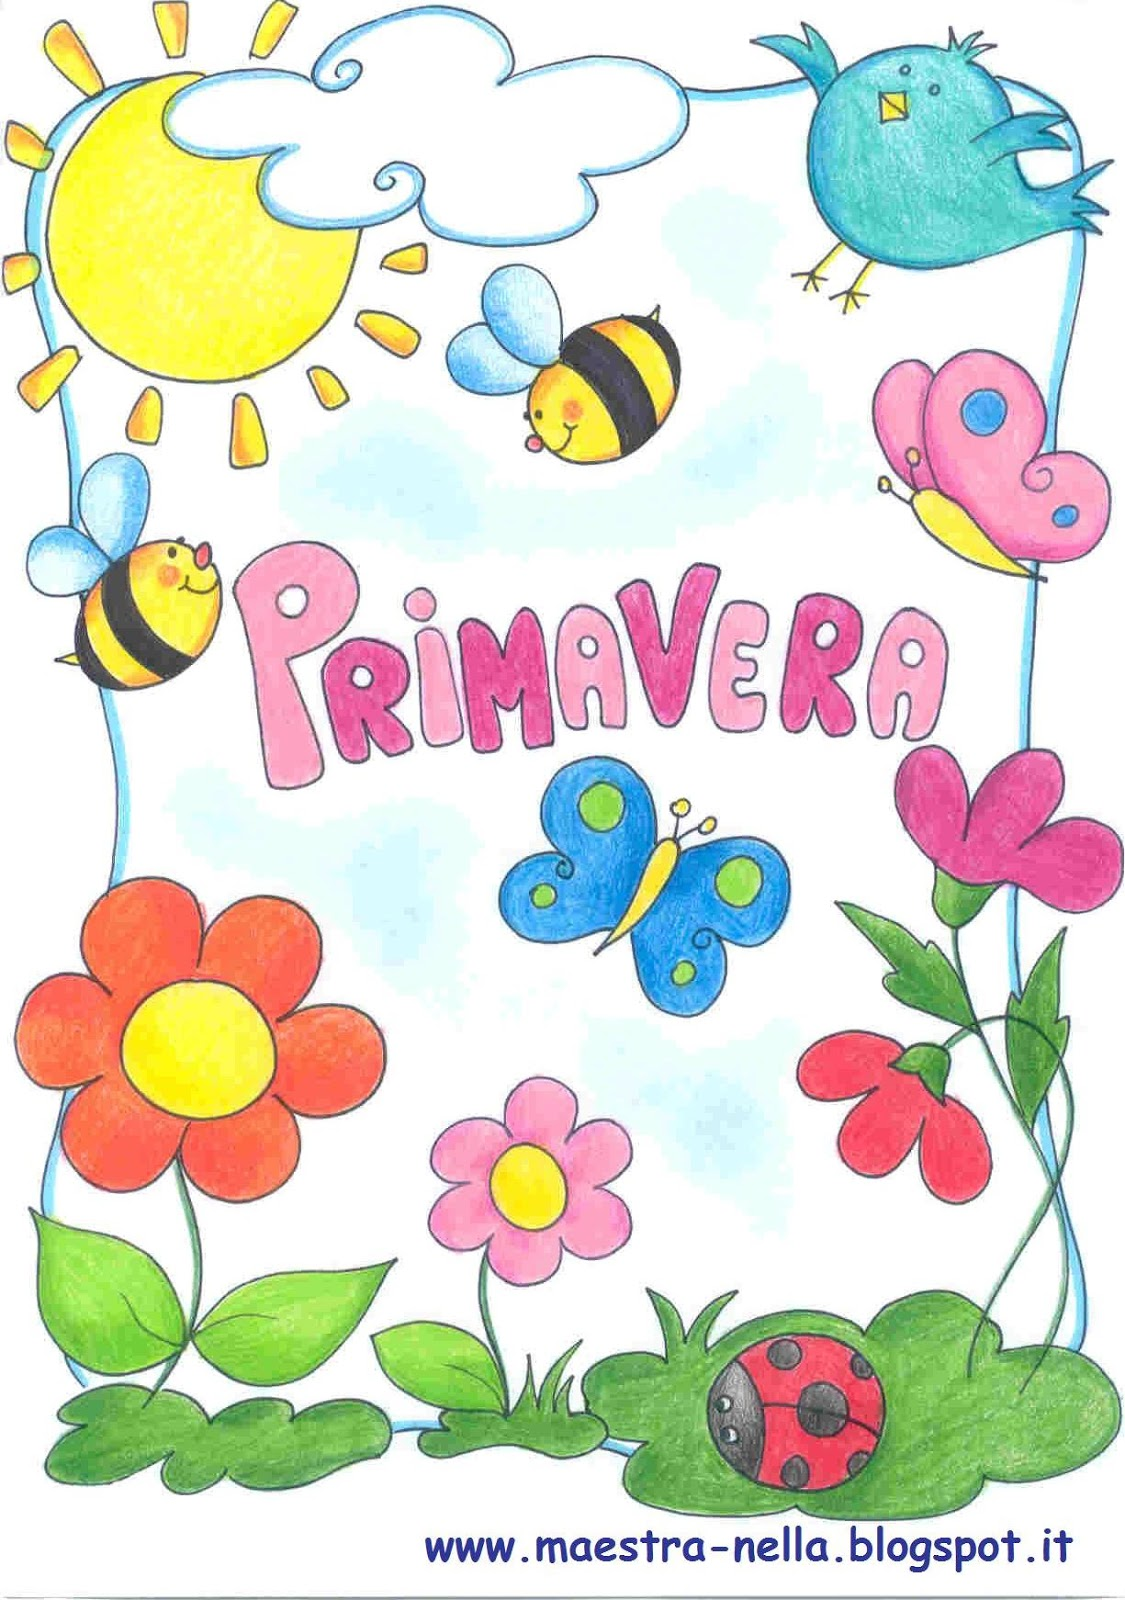 Maestra nella primavera poesia illustrata - Immagini di farfalle a colori ...